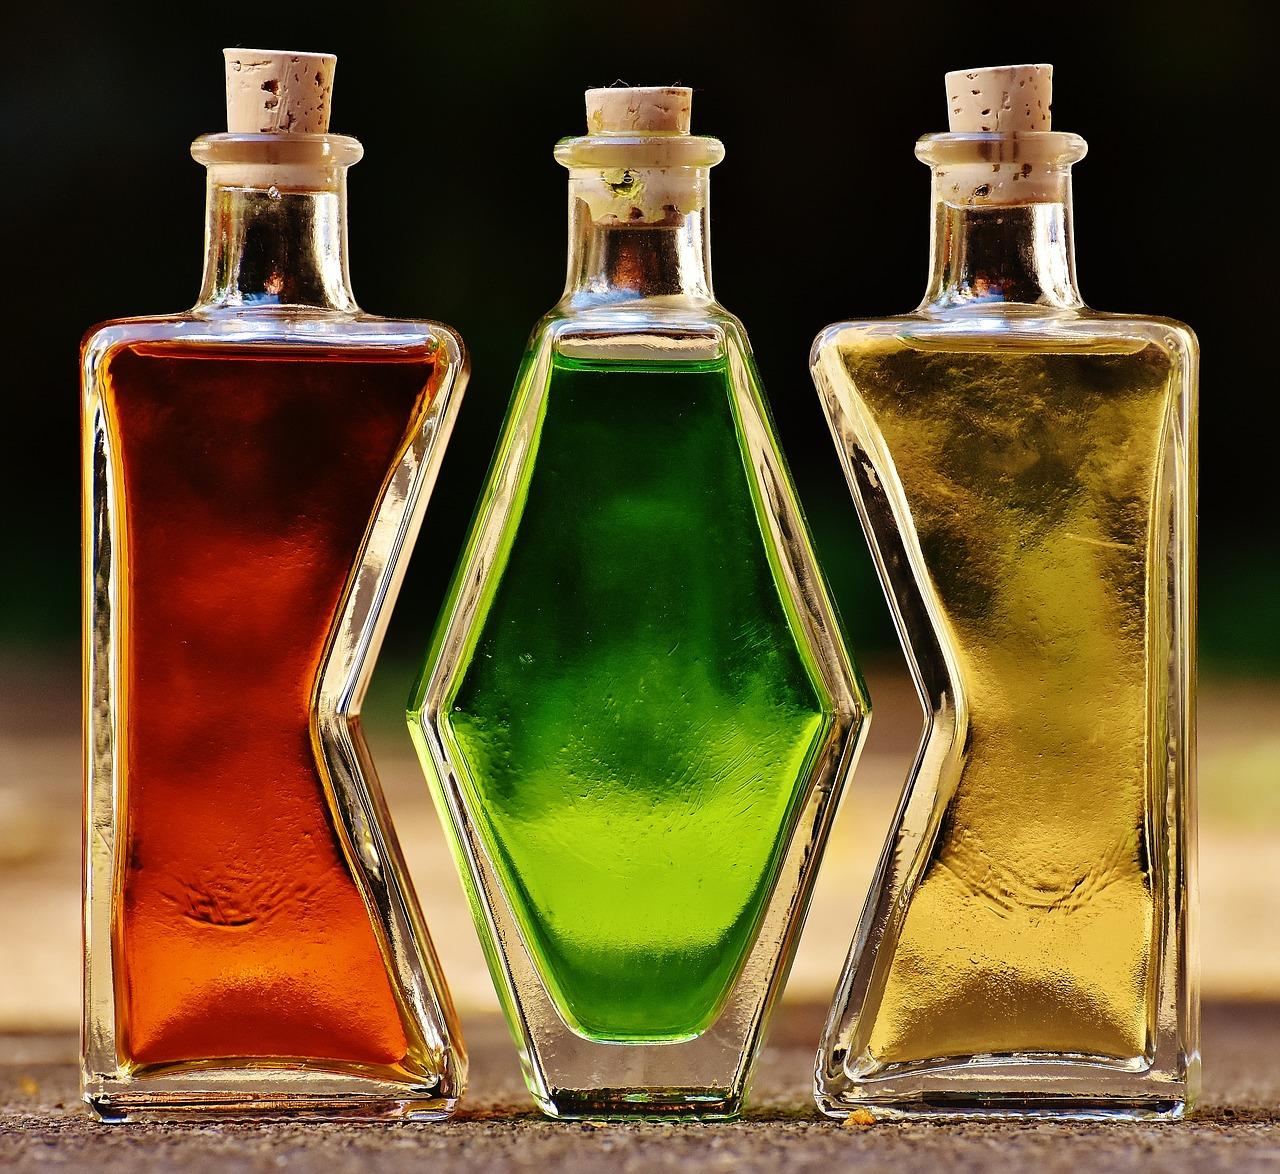 Эксперт назвал простой способ отличить суррогатный алкоголь